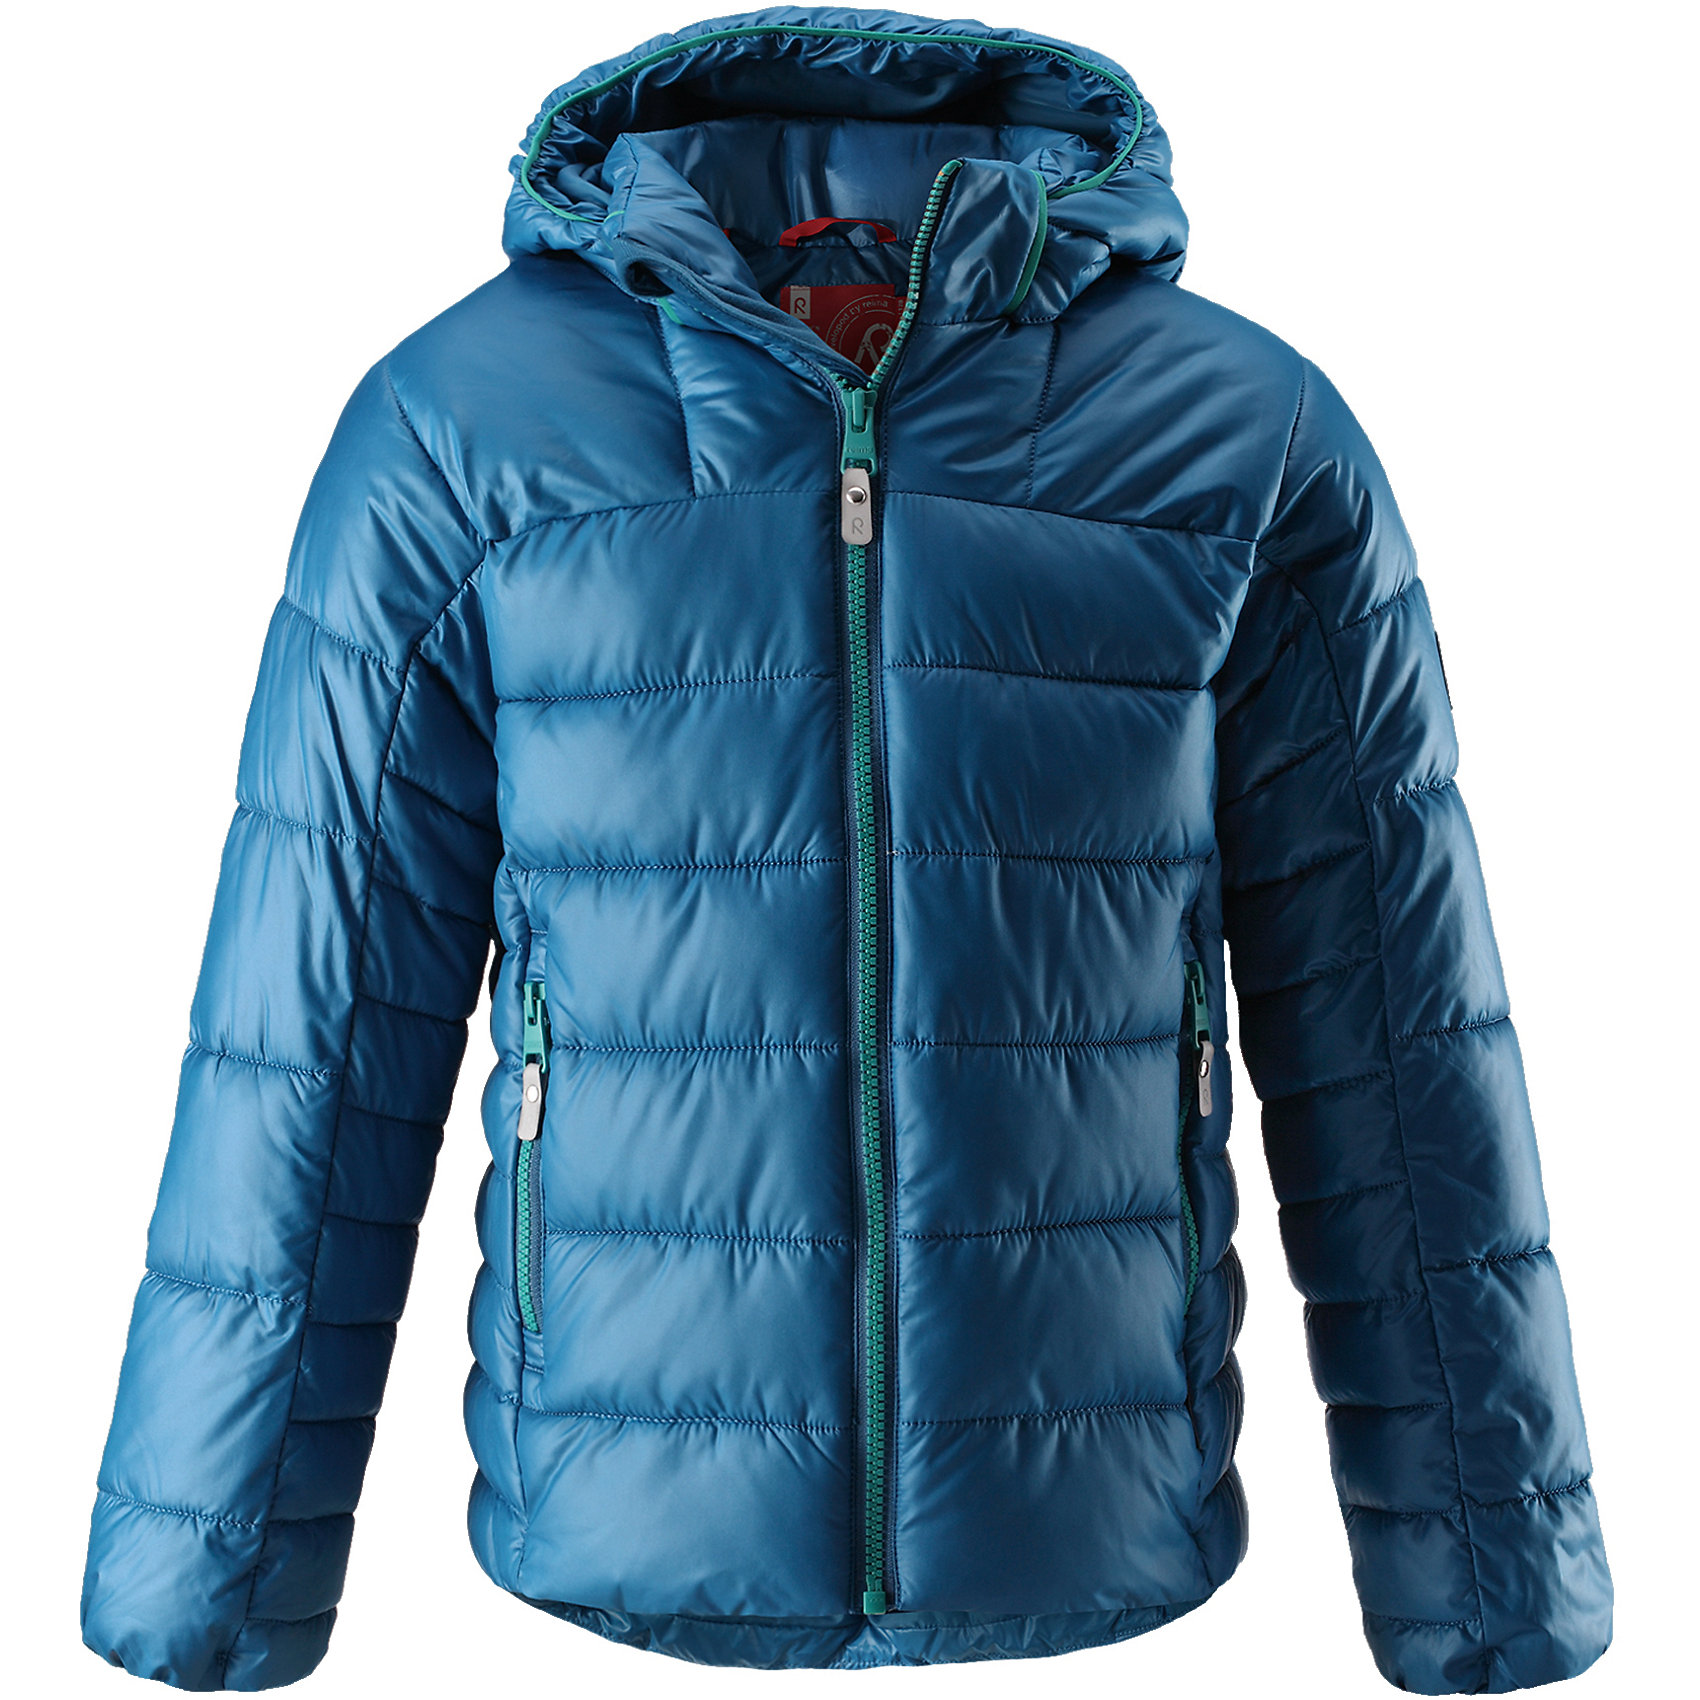 Куртка Reima Petteri для мальчикаОдежда<br>Характеристики товара:<br><br>• цвет: синий;<br>• состав: 100% полиамид;<br>• подкладка: 100% полиэстер;<br>• утеплитель: 80% пух, 20% перо;<br>• сезон: зима;<br>• температурный режим: от 0 до -20С;<br>• воздухопроницаемость: 3000 мм;<br>• пуховая куртка для подростков;<br>• водоотталкивающий, ветронепроницаемый дышащий и грязеотталкивающий материал;<br>• гладкая подкладка из полиэстера;<br>• безопасный, съемный капюшон;<br>• эластичные манжеты;<br>• два боковых кармана;<br>• светоотражающие детали;<br>• страна бренда: Финляндия;<br>• страна изготовитель: Китай.<br><br>Теплая и ветронепроницаемая зимняя куртка для детей и подростков. Куртку с гладкой подкладкой из полиэстера легко надевать и очень удобно носить. Куртка оснащена съемным капюшоном, что обеспечивает дополнительную безопасность во время активных прогулок – капюшон легко отстегивается, если случайно за что-нибудь зацепится. Два кармана на молнии для мобильного телефона и других ценных мелочей. Образ довершают практичные детали: длинная молния высокого качества и светоотражающие элементы.<br><br>Куртку Petteri для мальчика Reima от финского бренда Reima (Рейма) можно купить в нашем интернет-магазине.<br><br>Ширина мм: 356<br>Глубина мм: 10<br>Высота мм: 245<br>Вес г: 519<br>Цвет: синий<br>Возраст от месяцев: 36<br>Возраст до месяцев: 48<br>Пол: Мужской<br>Возраст: Детский<br>Размер: 104,164,110,116,122,128,134,140,146,152,158<br>SKU: 6903016